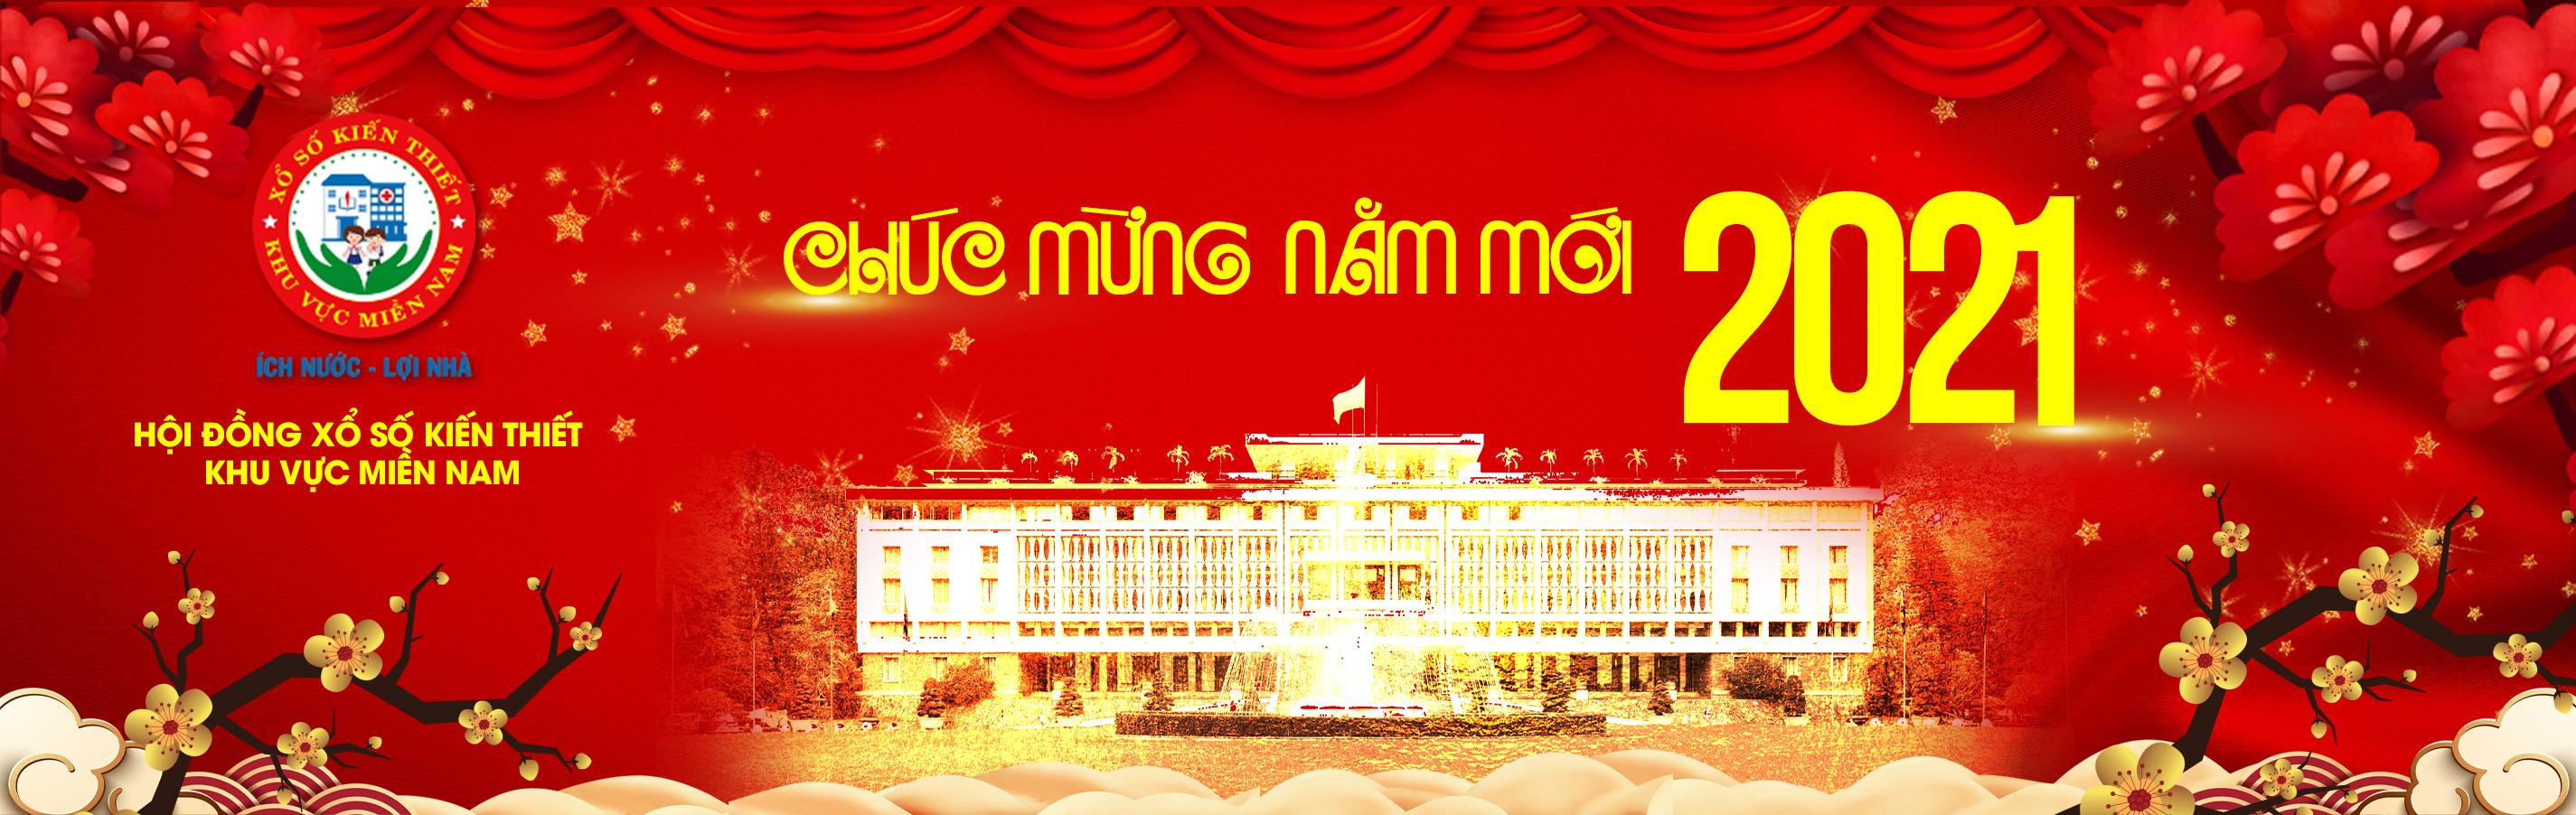 chuc mừng năm mới